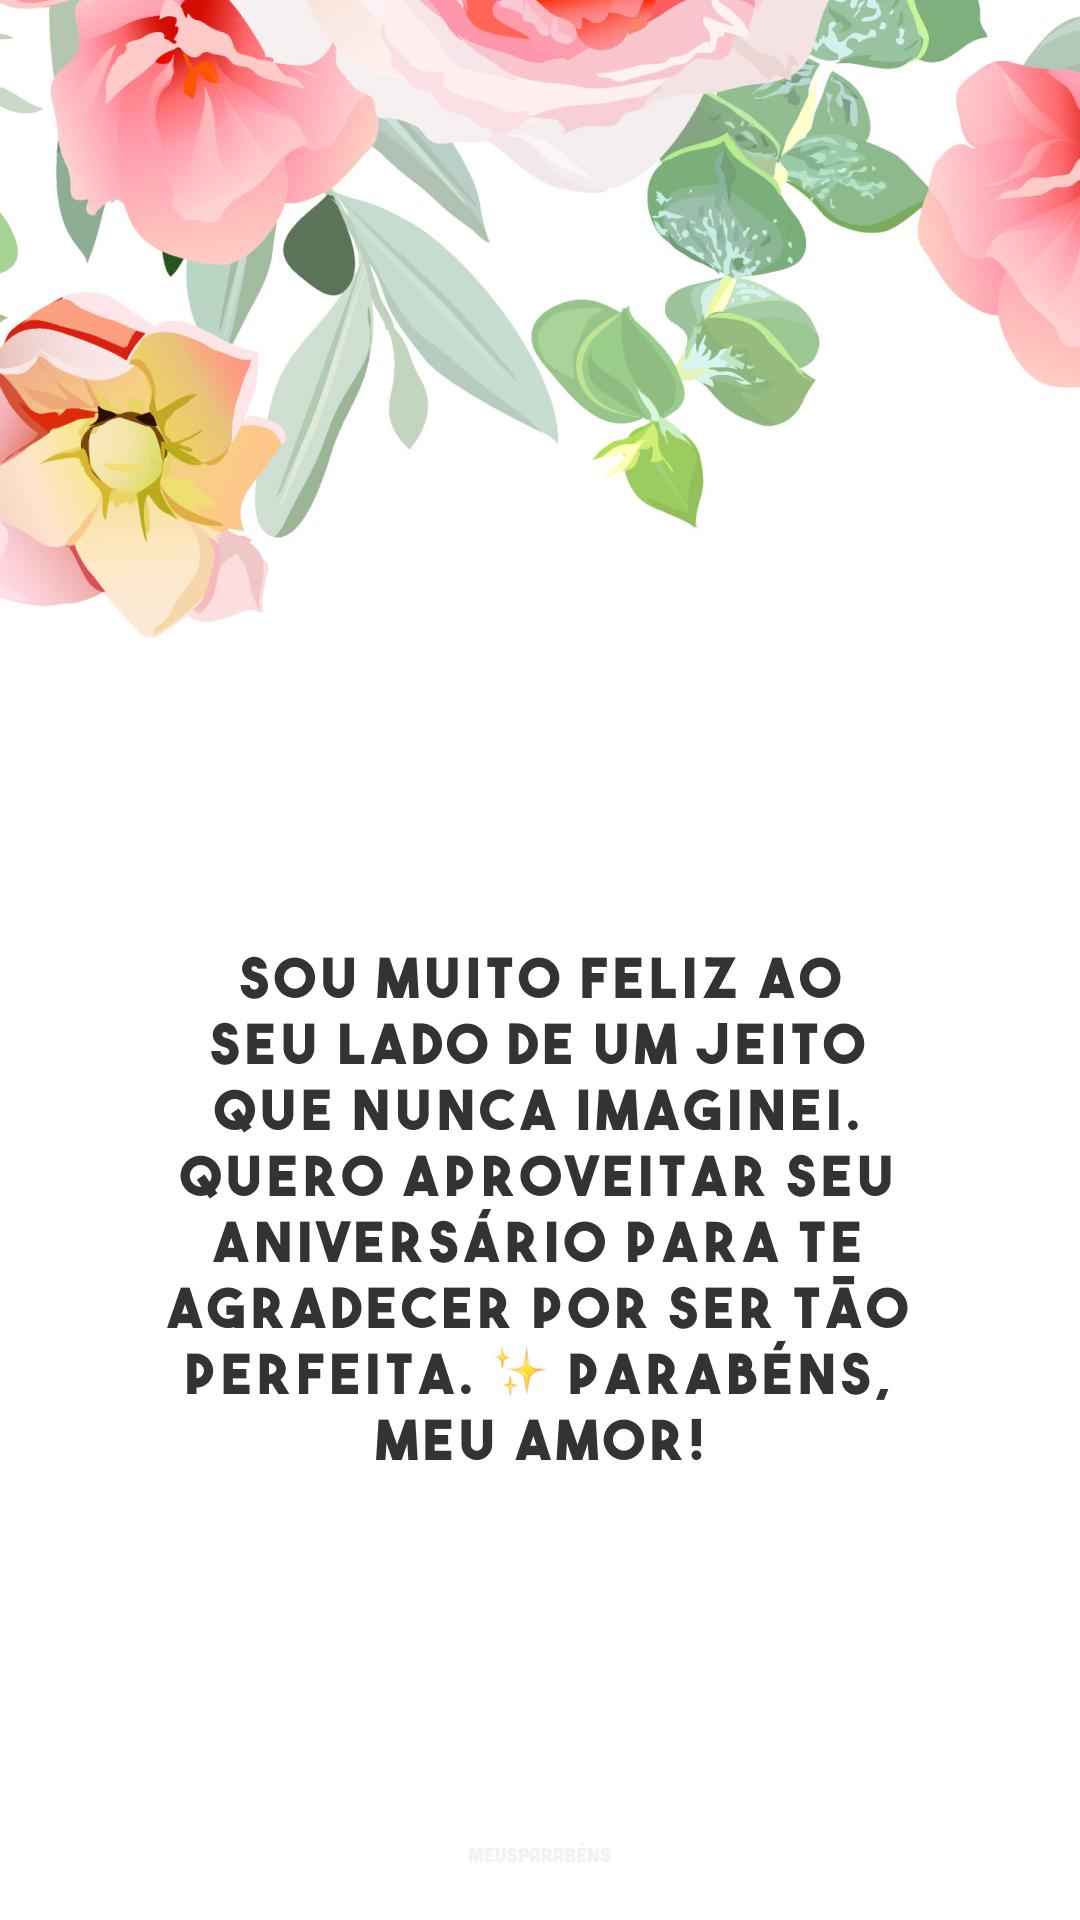 Sou muito feliz ao seu lado de um jeito que nunca imaginei. Quero aproveitar seu aniversário para te agradecer por ser tão perfeita. ✨ Parabéns, meu amor!